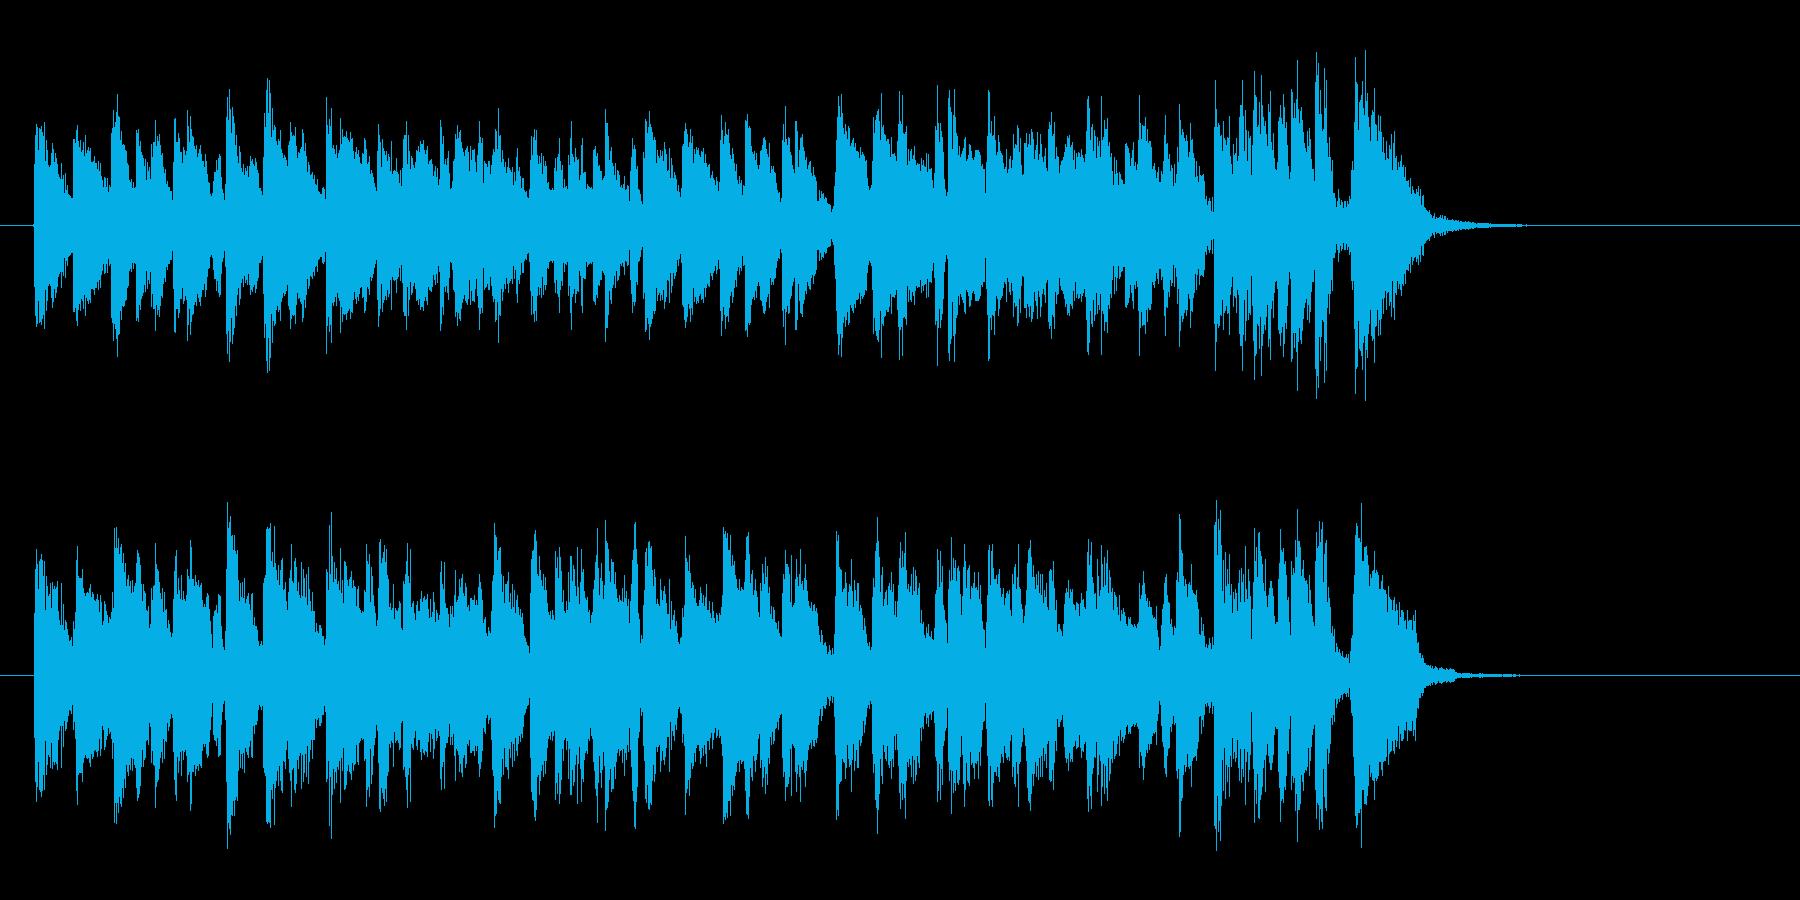 懐かしさに浸るジャズ(サビ)の再生済みの波形